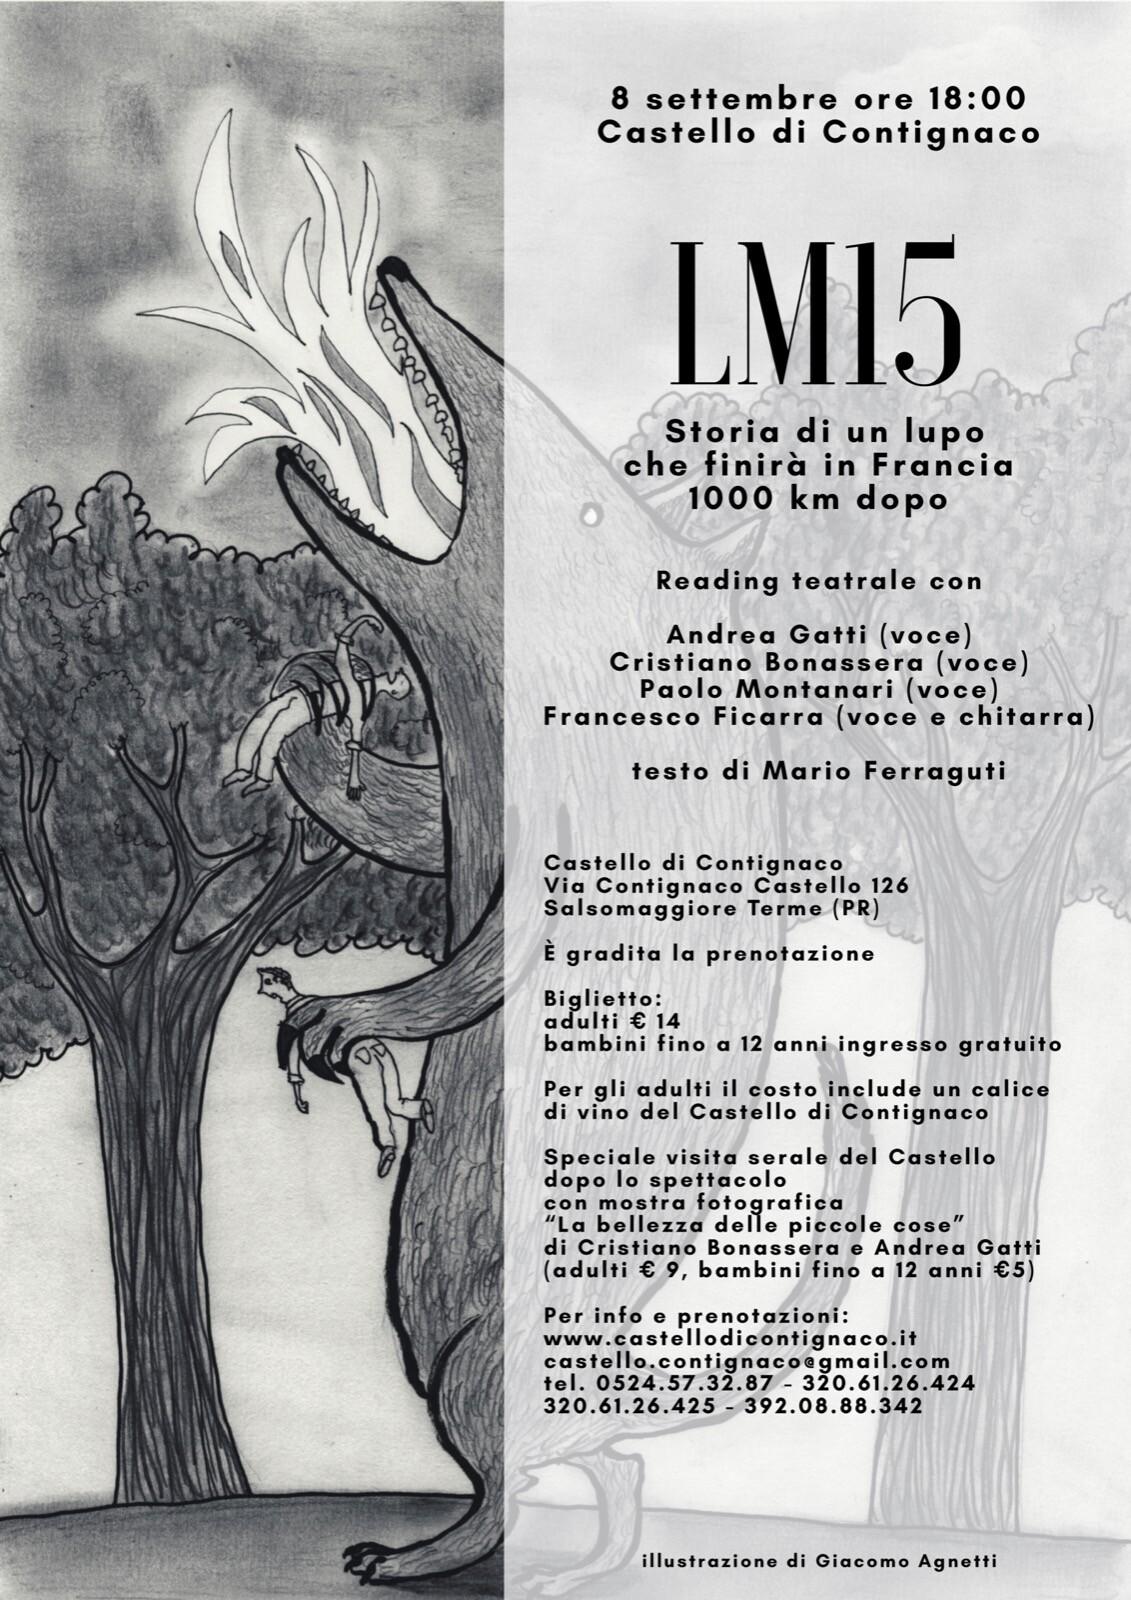 LM15 – Storia di un lupo che finirà in Francia più di 1000 km dopo  Reading teatrale